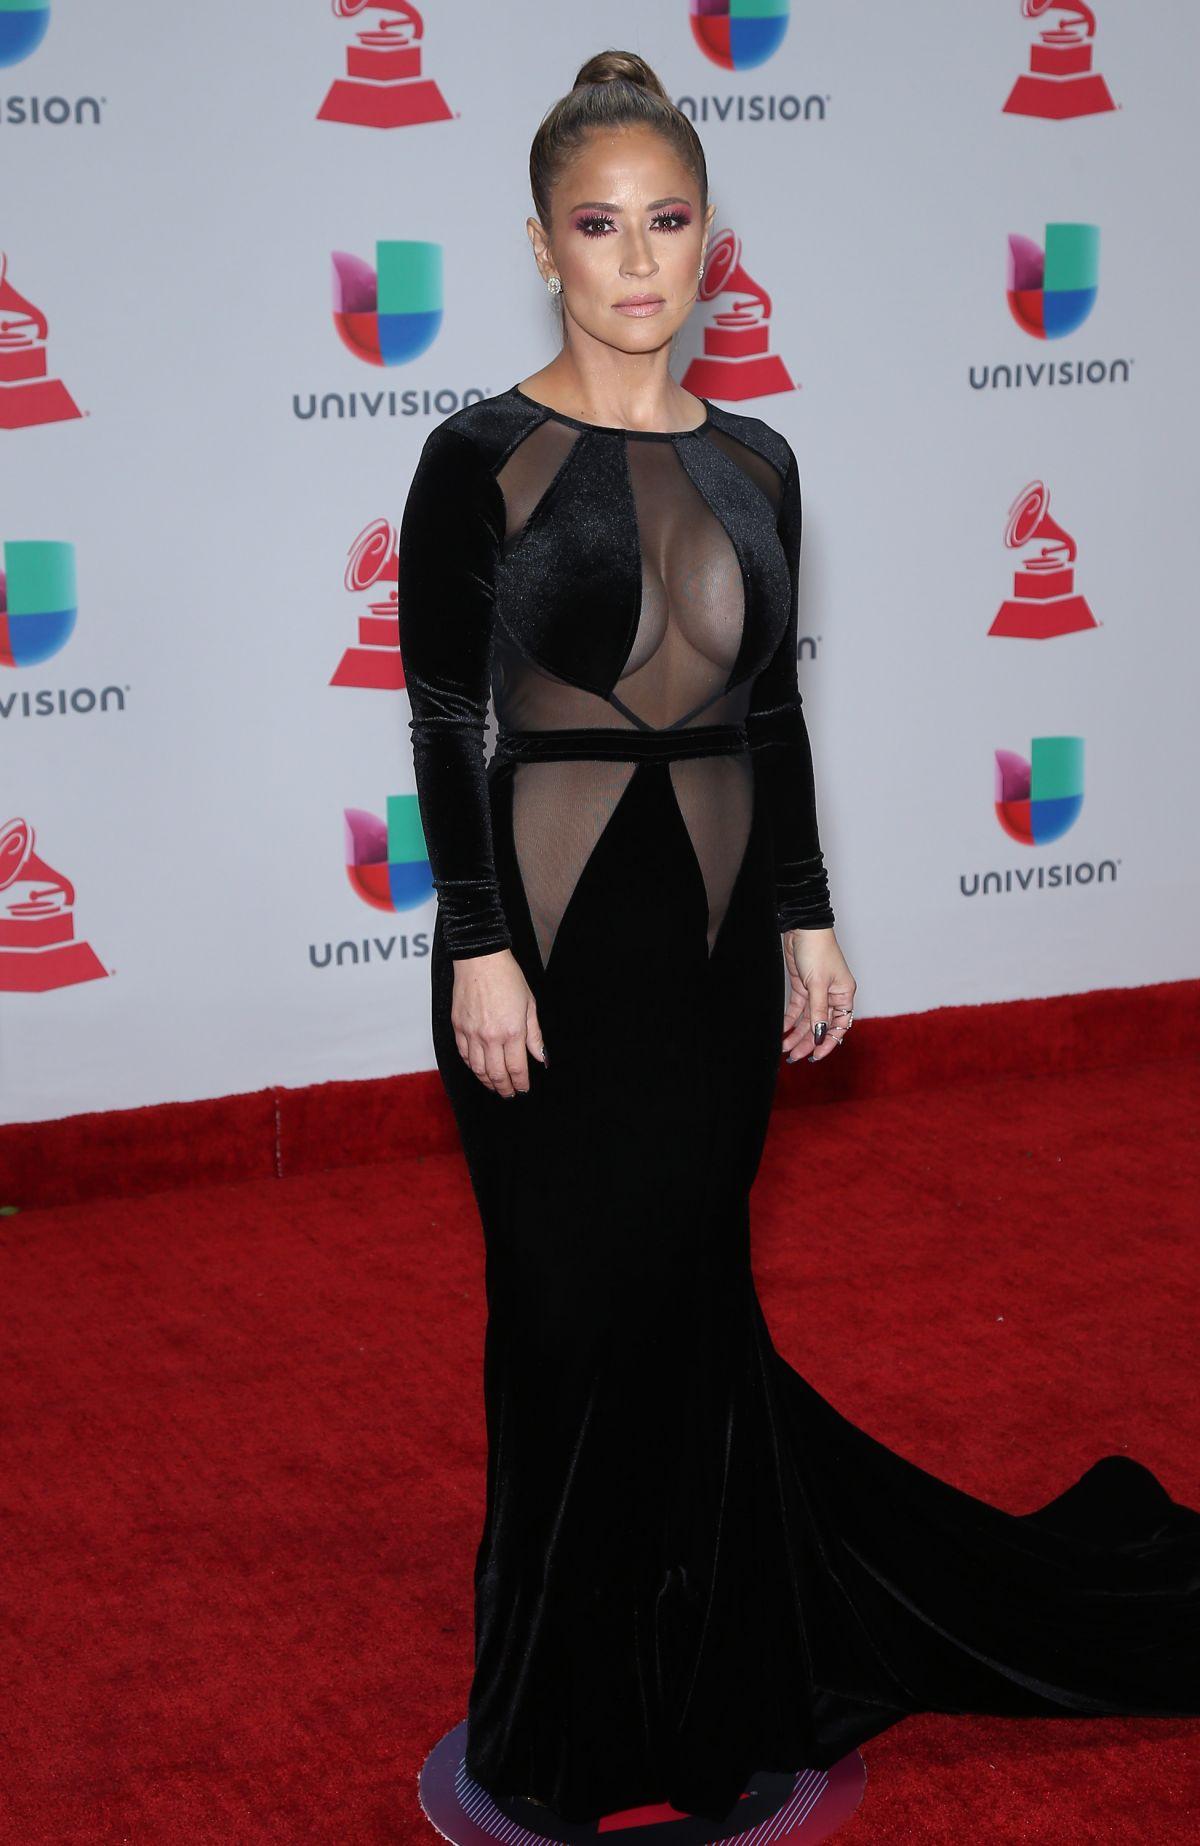 ICloud Jackie Guerrido nude (14 photo), Topless, Sideboobs, Feet, bra 2020